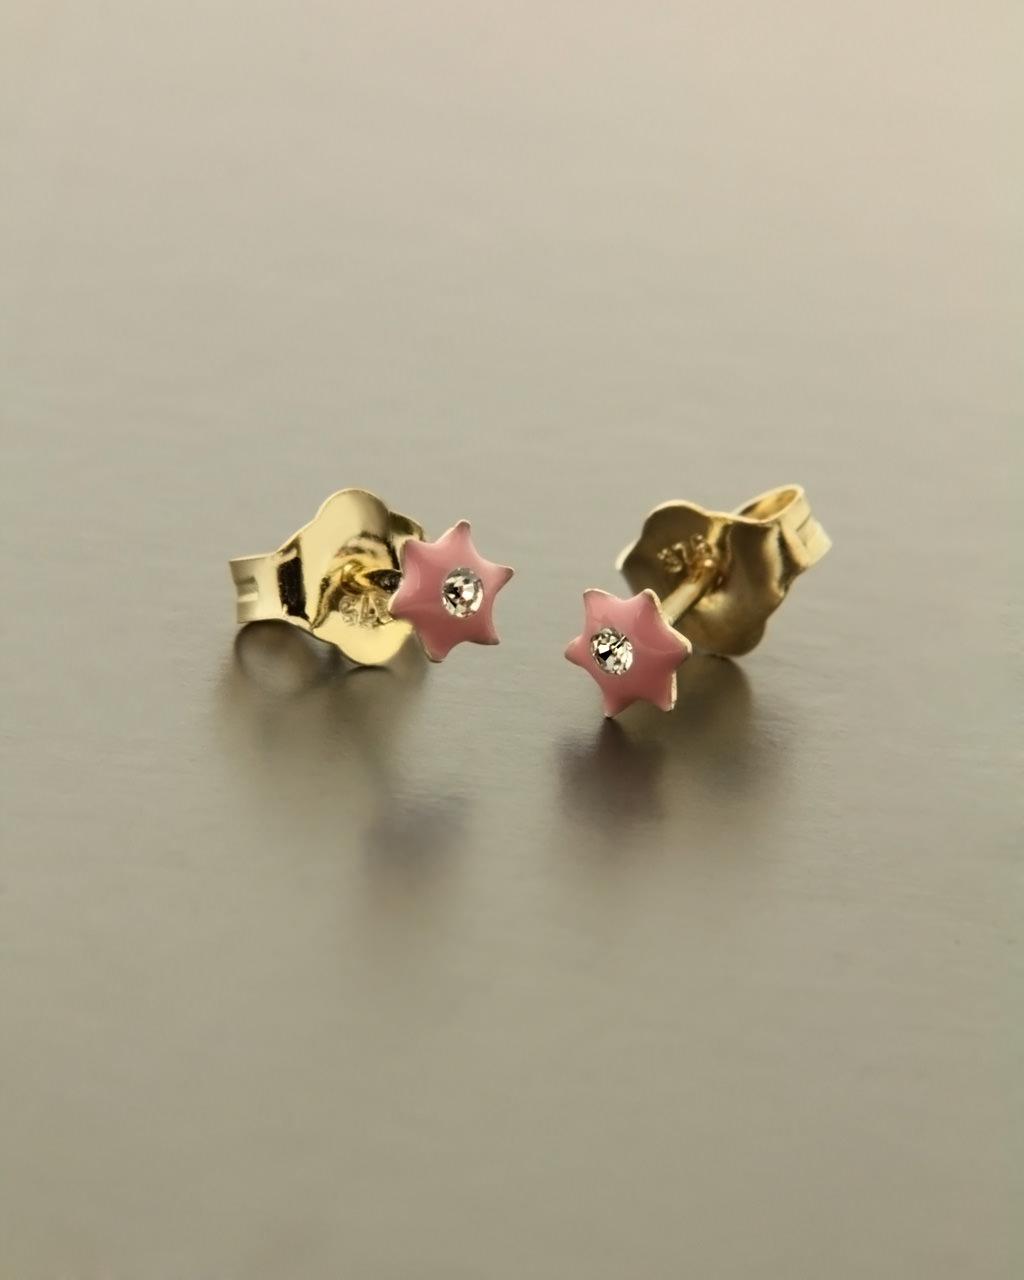 Σκουλαρίκια παιδικά χρυσά Κ9 με Σμάλτο & Ζιργκόν   νεεσ αφιξεισ κοσμήματα παιδικά